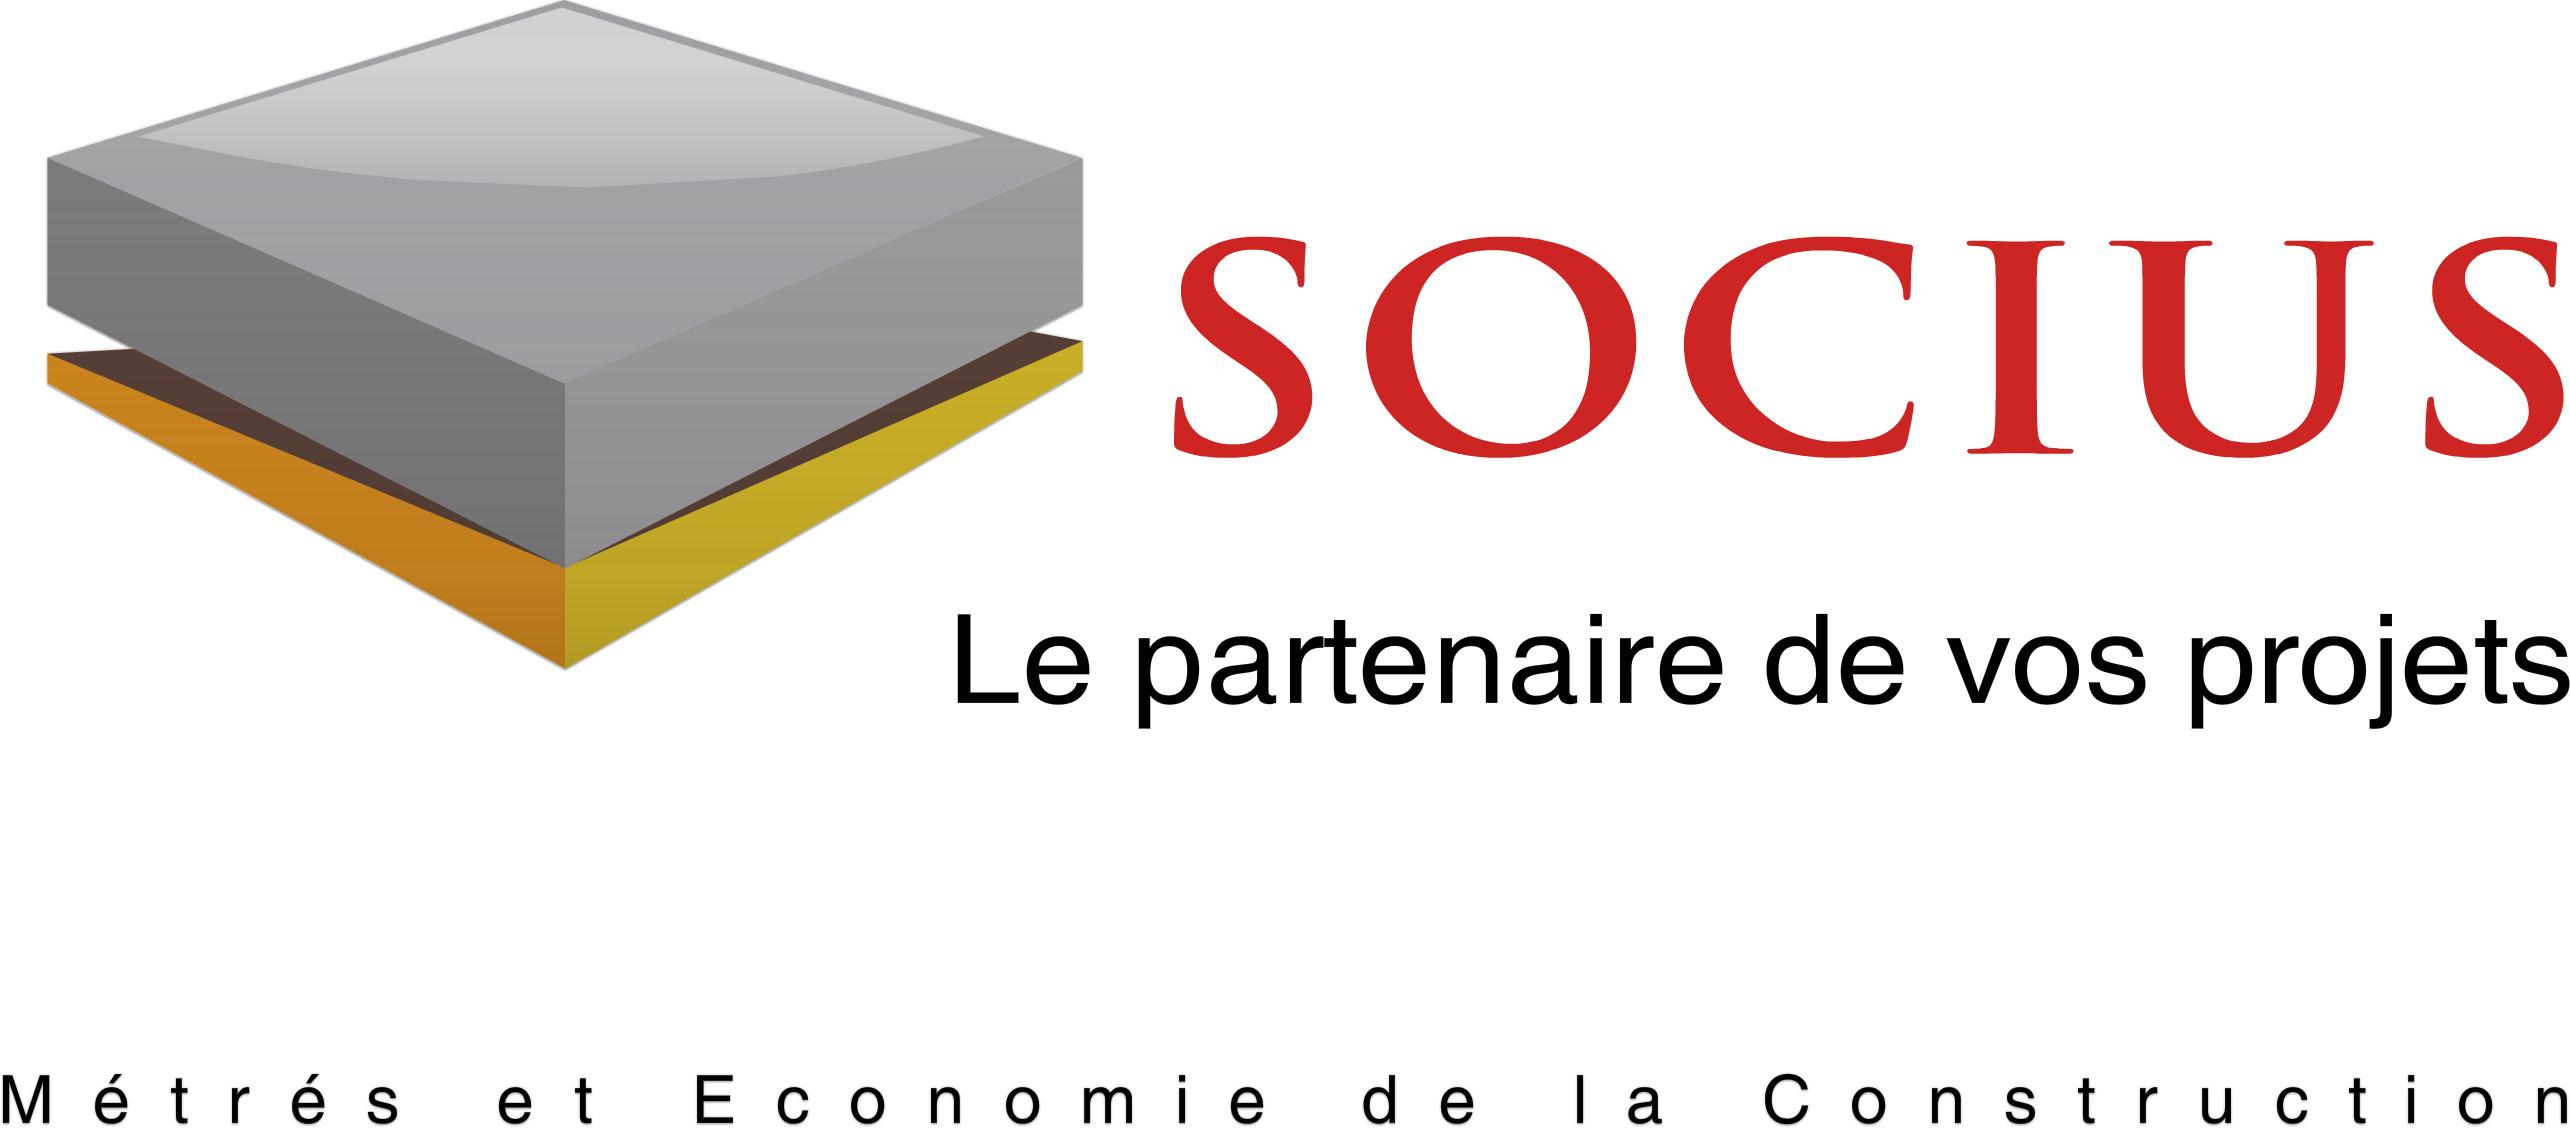 SOCIUS